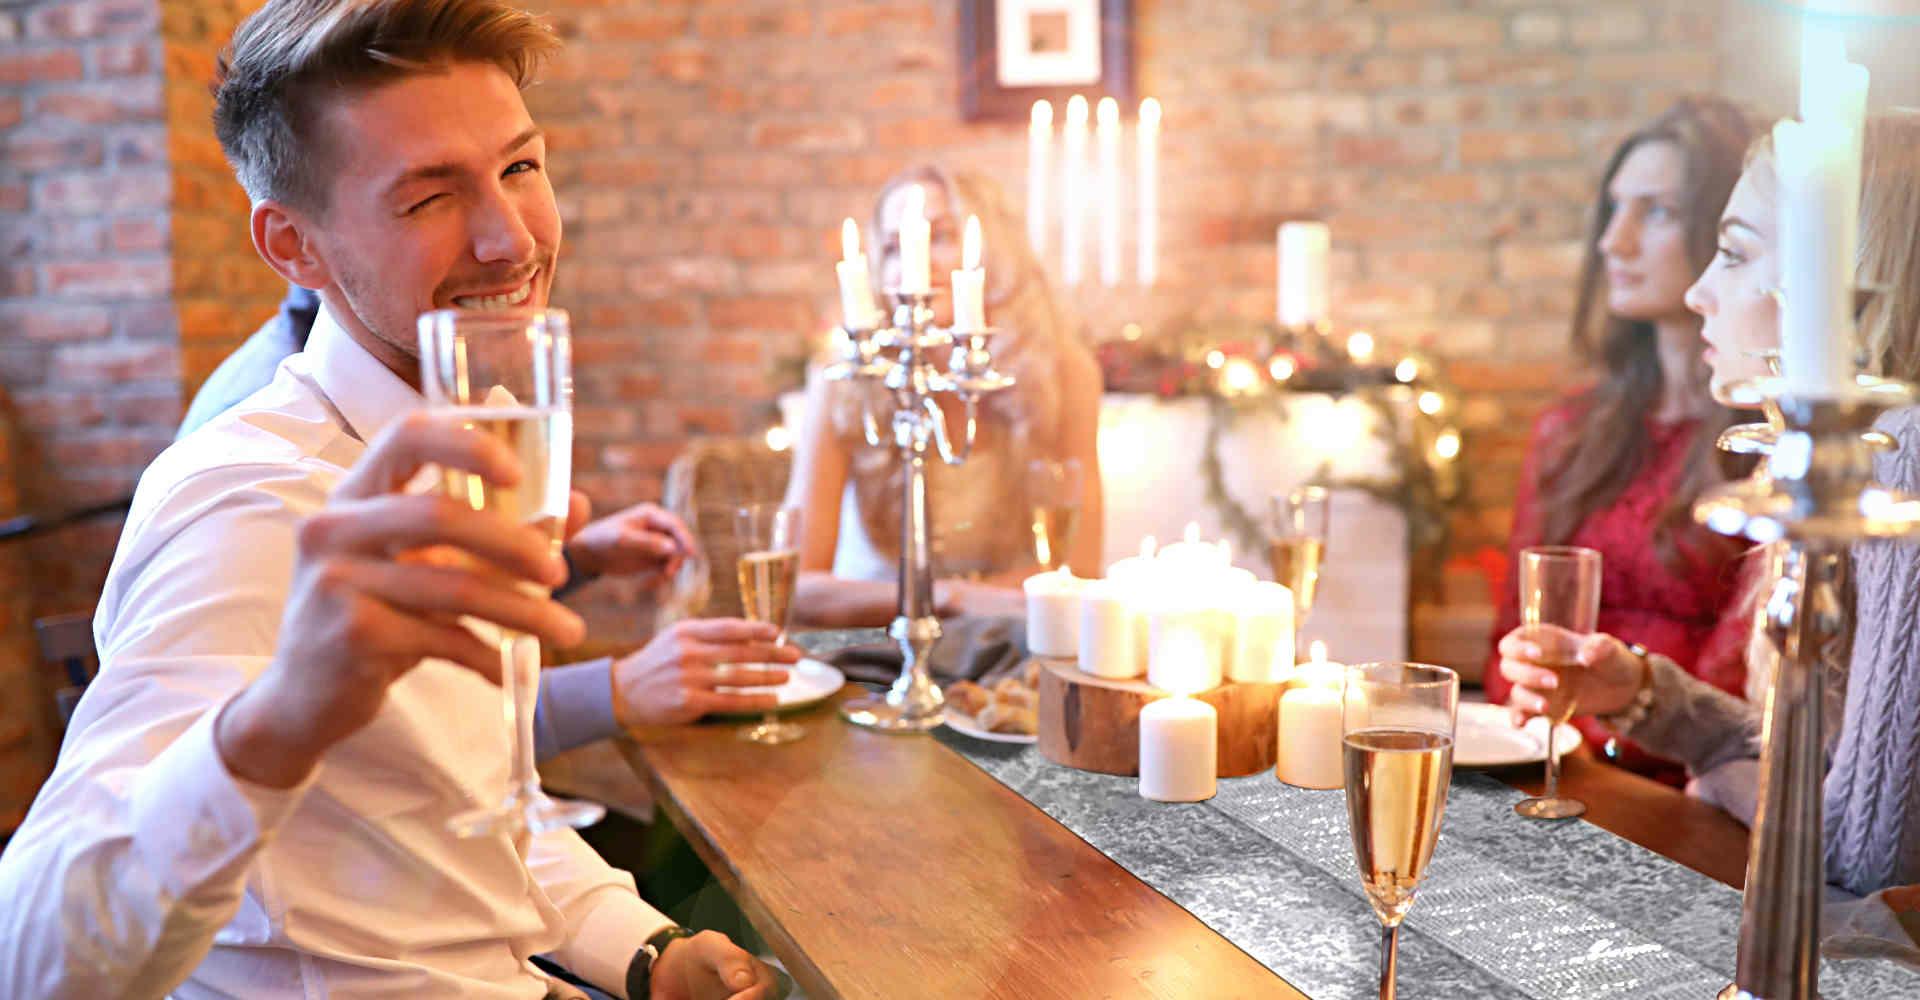 deco-de-table-pour-nouvel-an